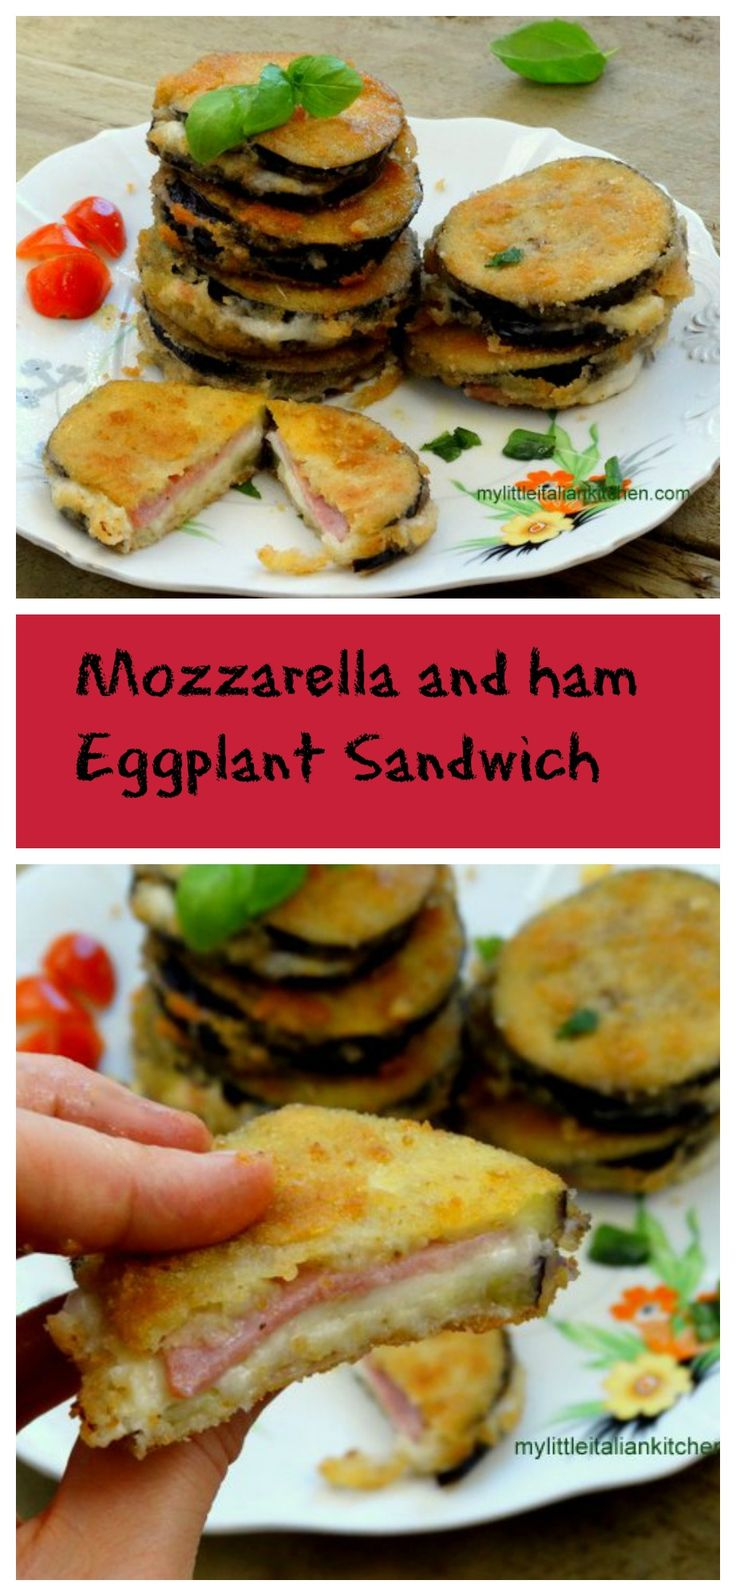 Eggplants, Hams and Mozzarella on Pinterest